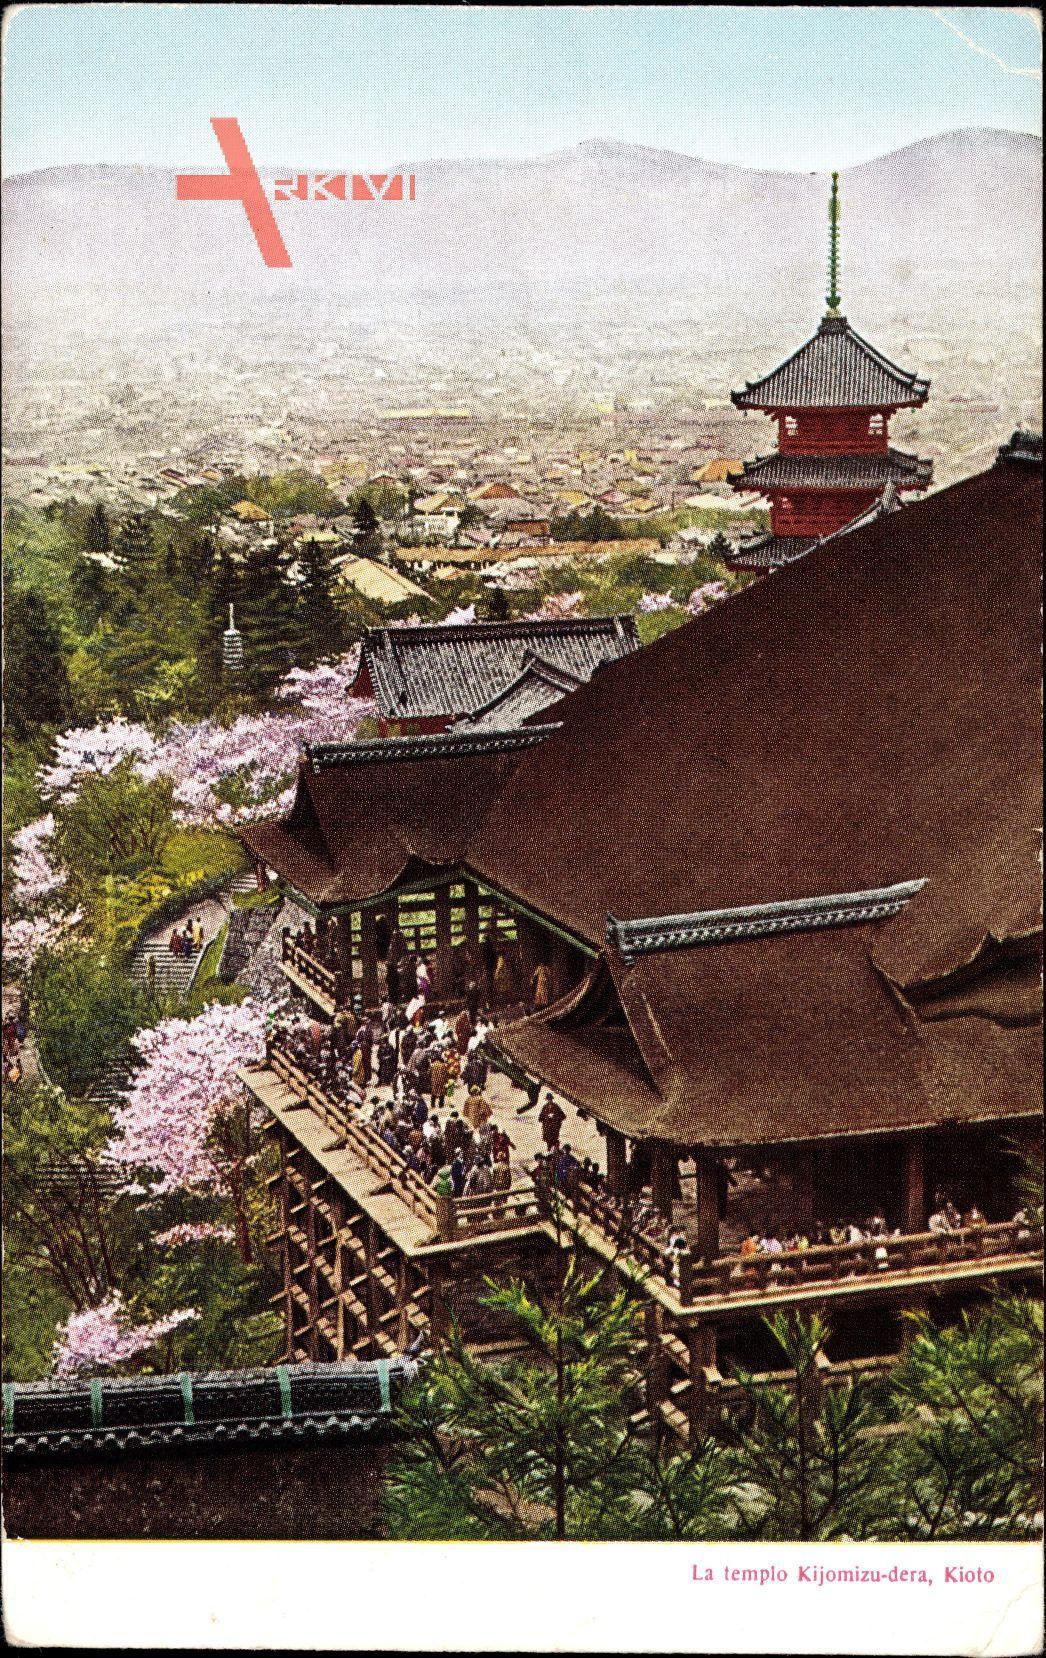 Kyoto Japan, Blick auf die Anlagen des Kiyomizu Tempels, Kirschblüten